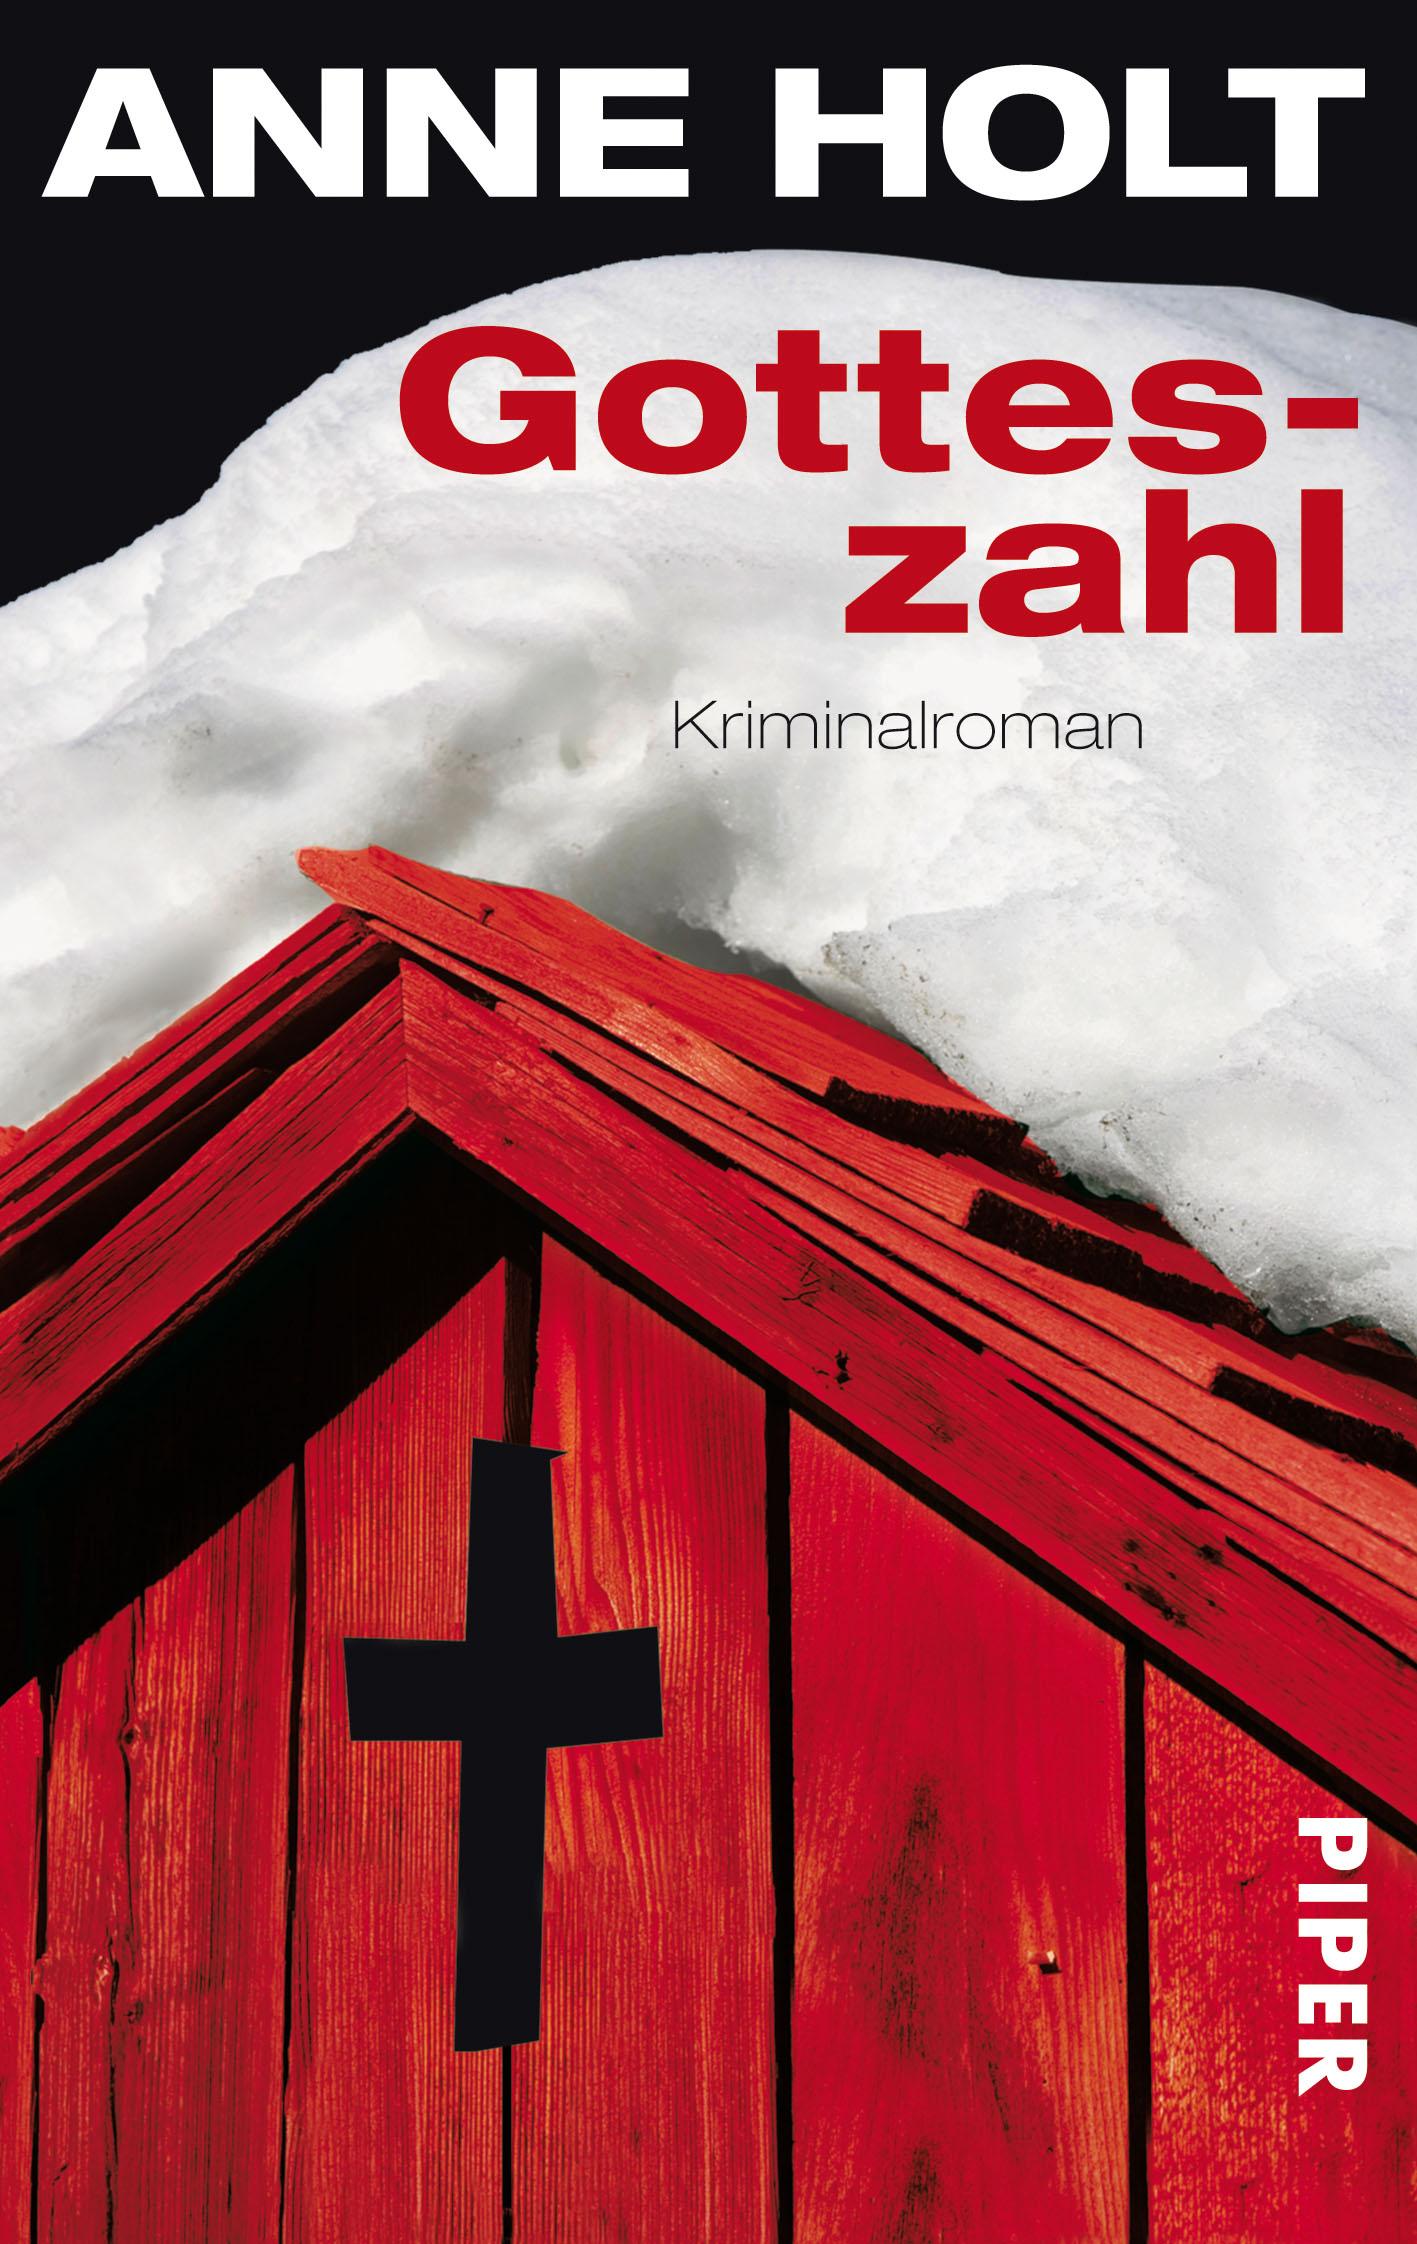 Gotteszahl: Kriminalroman - Anne Holt